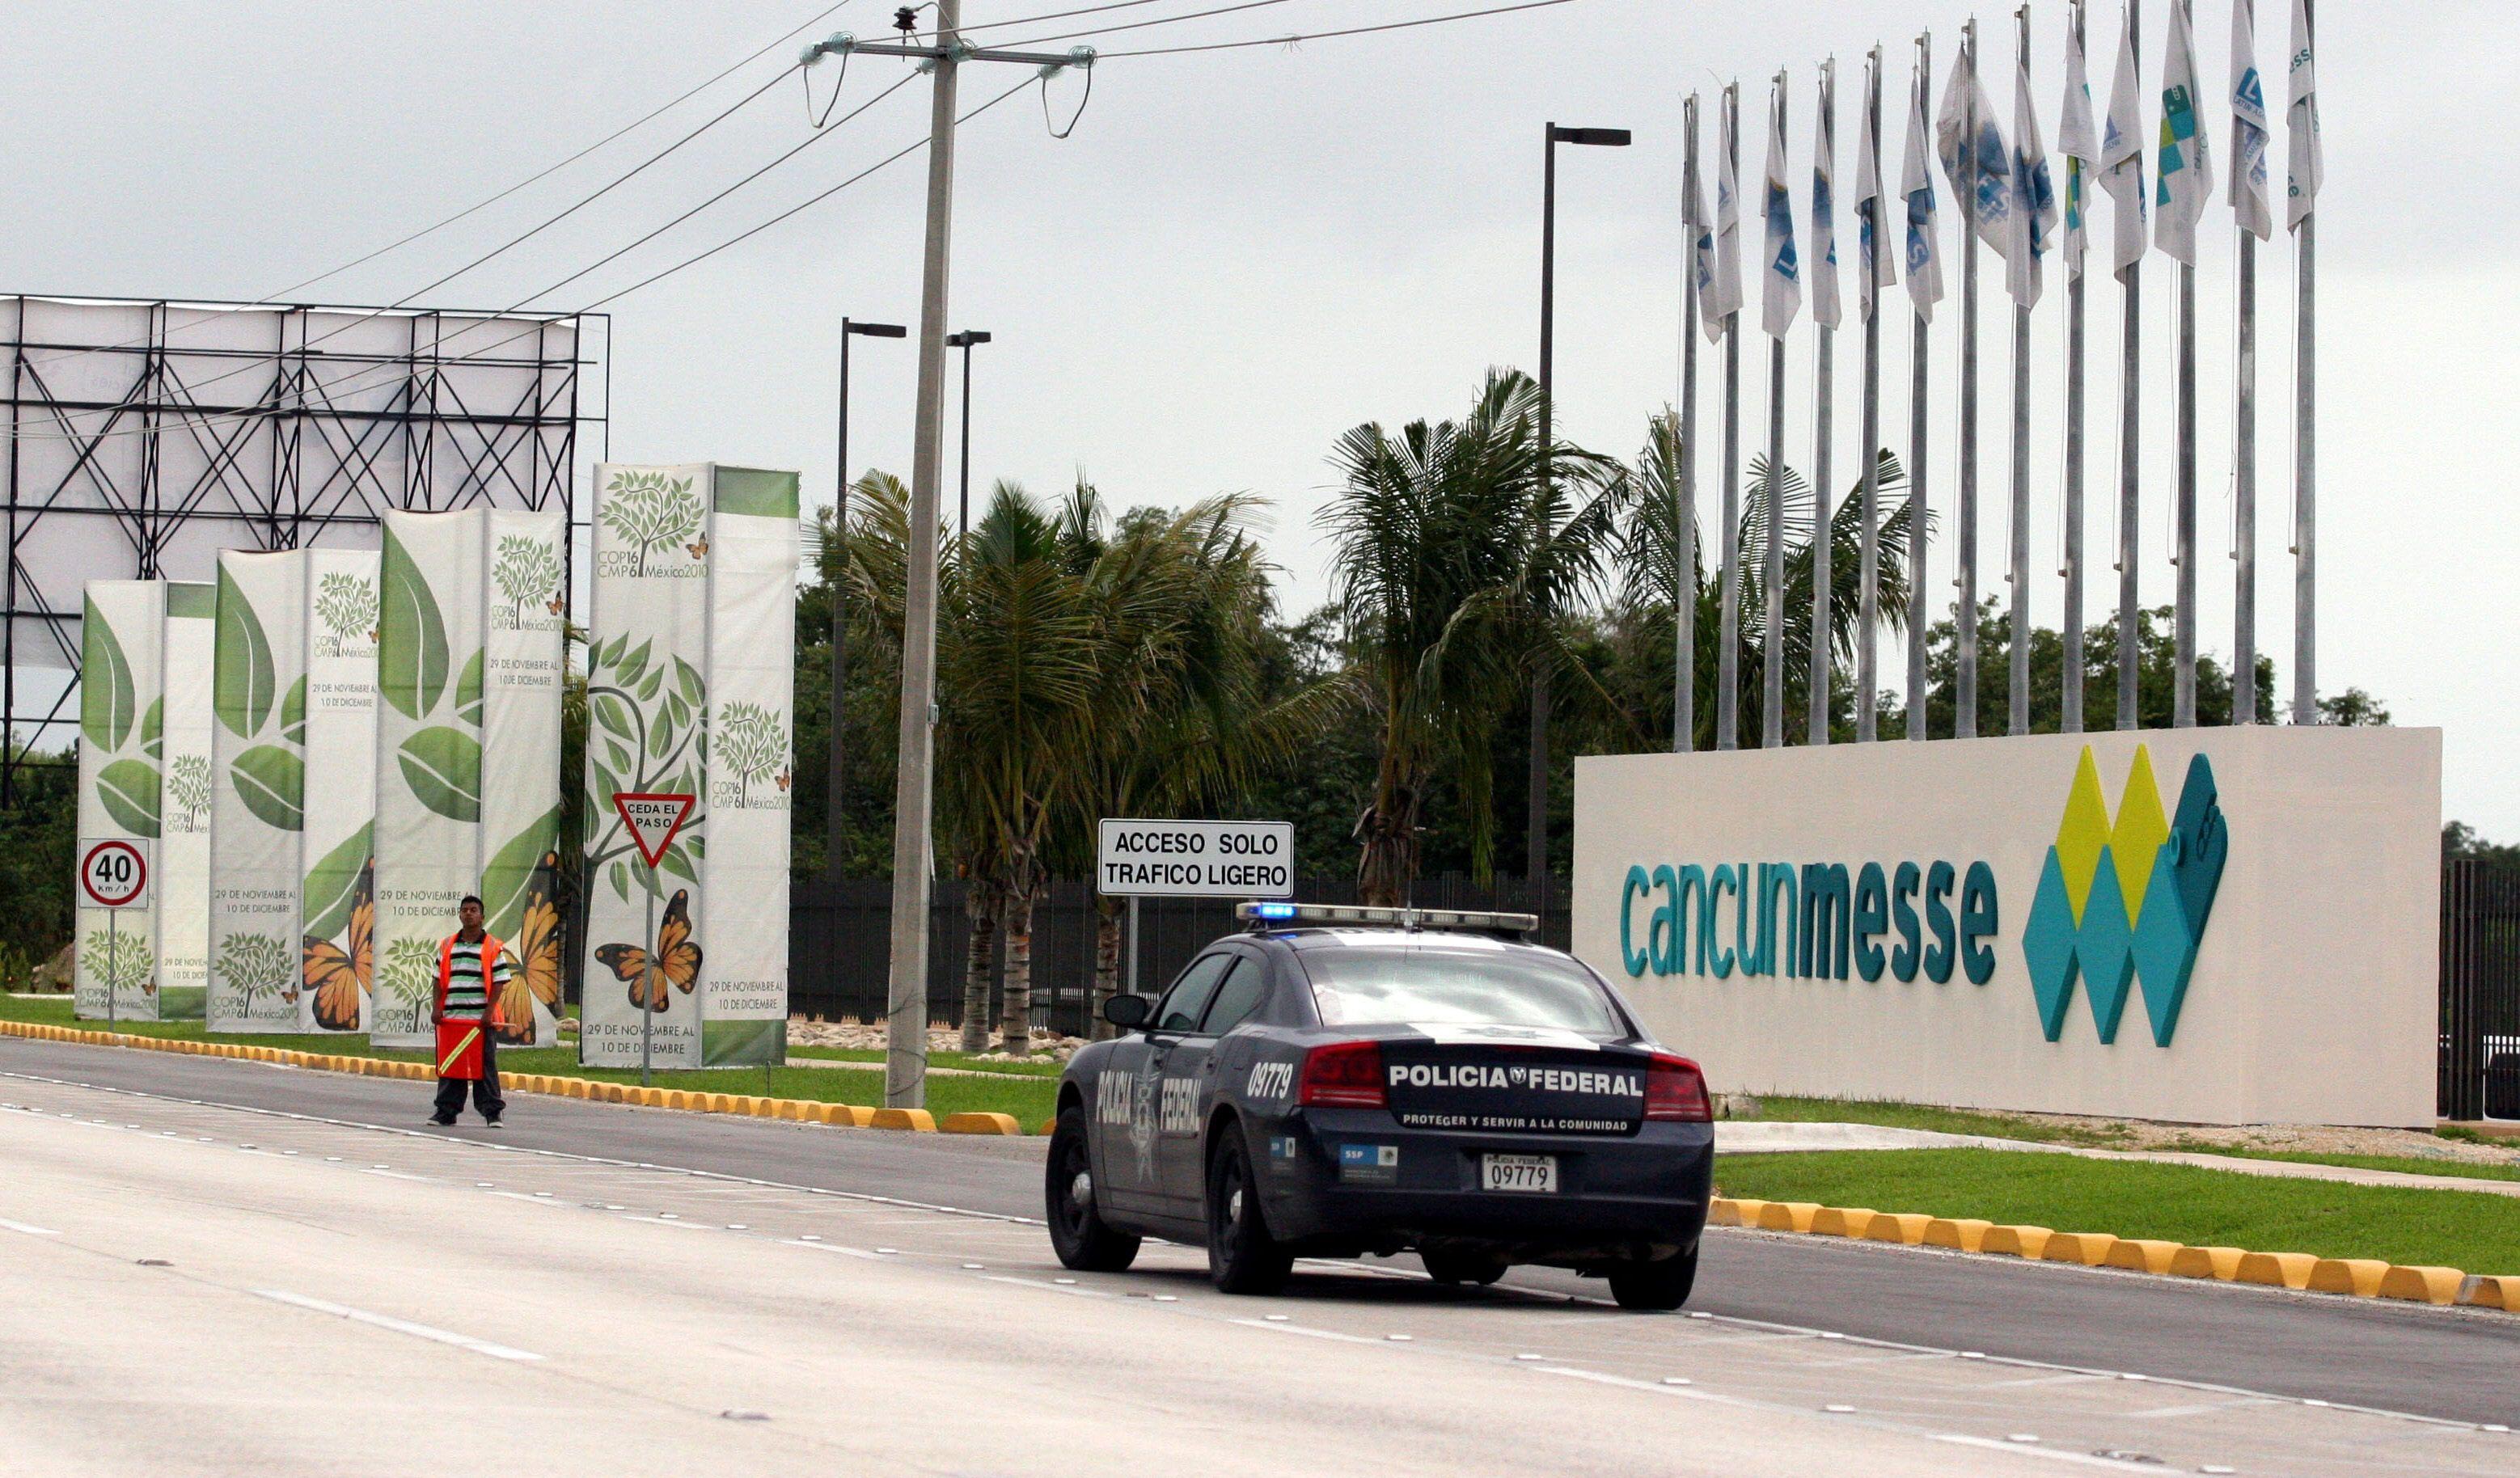 Una patrulla por la zona del centro de recreo de Cancún, Quintana Roo (Foto: EFE/Elizabeth Ruiz/Archivo)